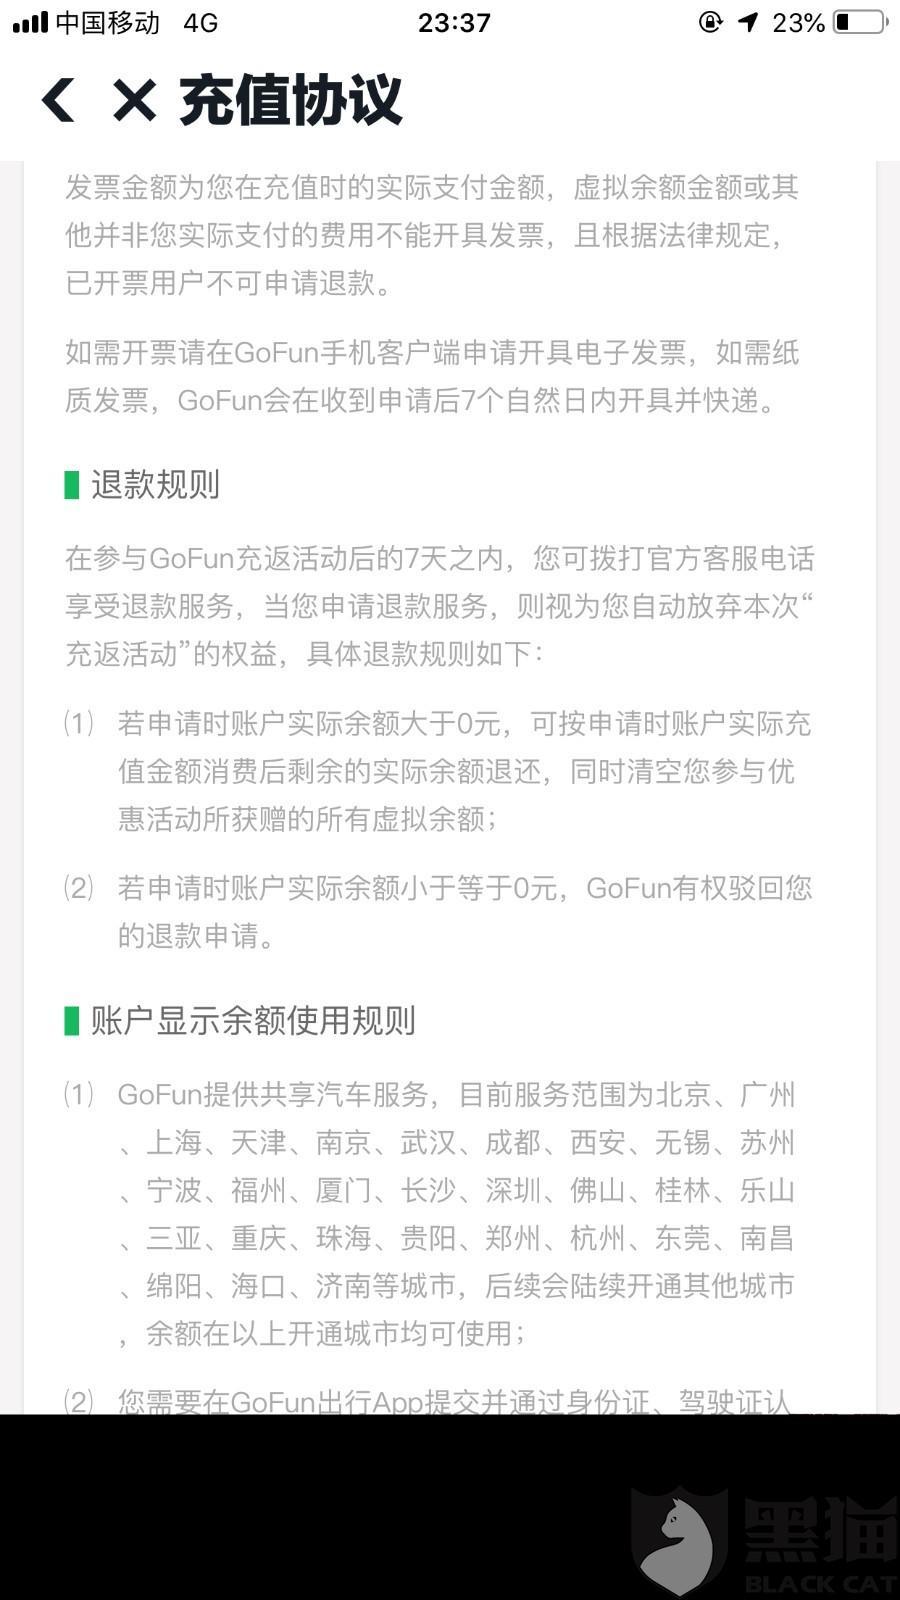 黑猫投诉:Gofun出行APP新用户充200返200优惠活动政策未履行